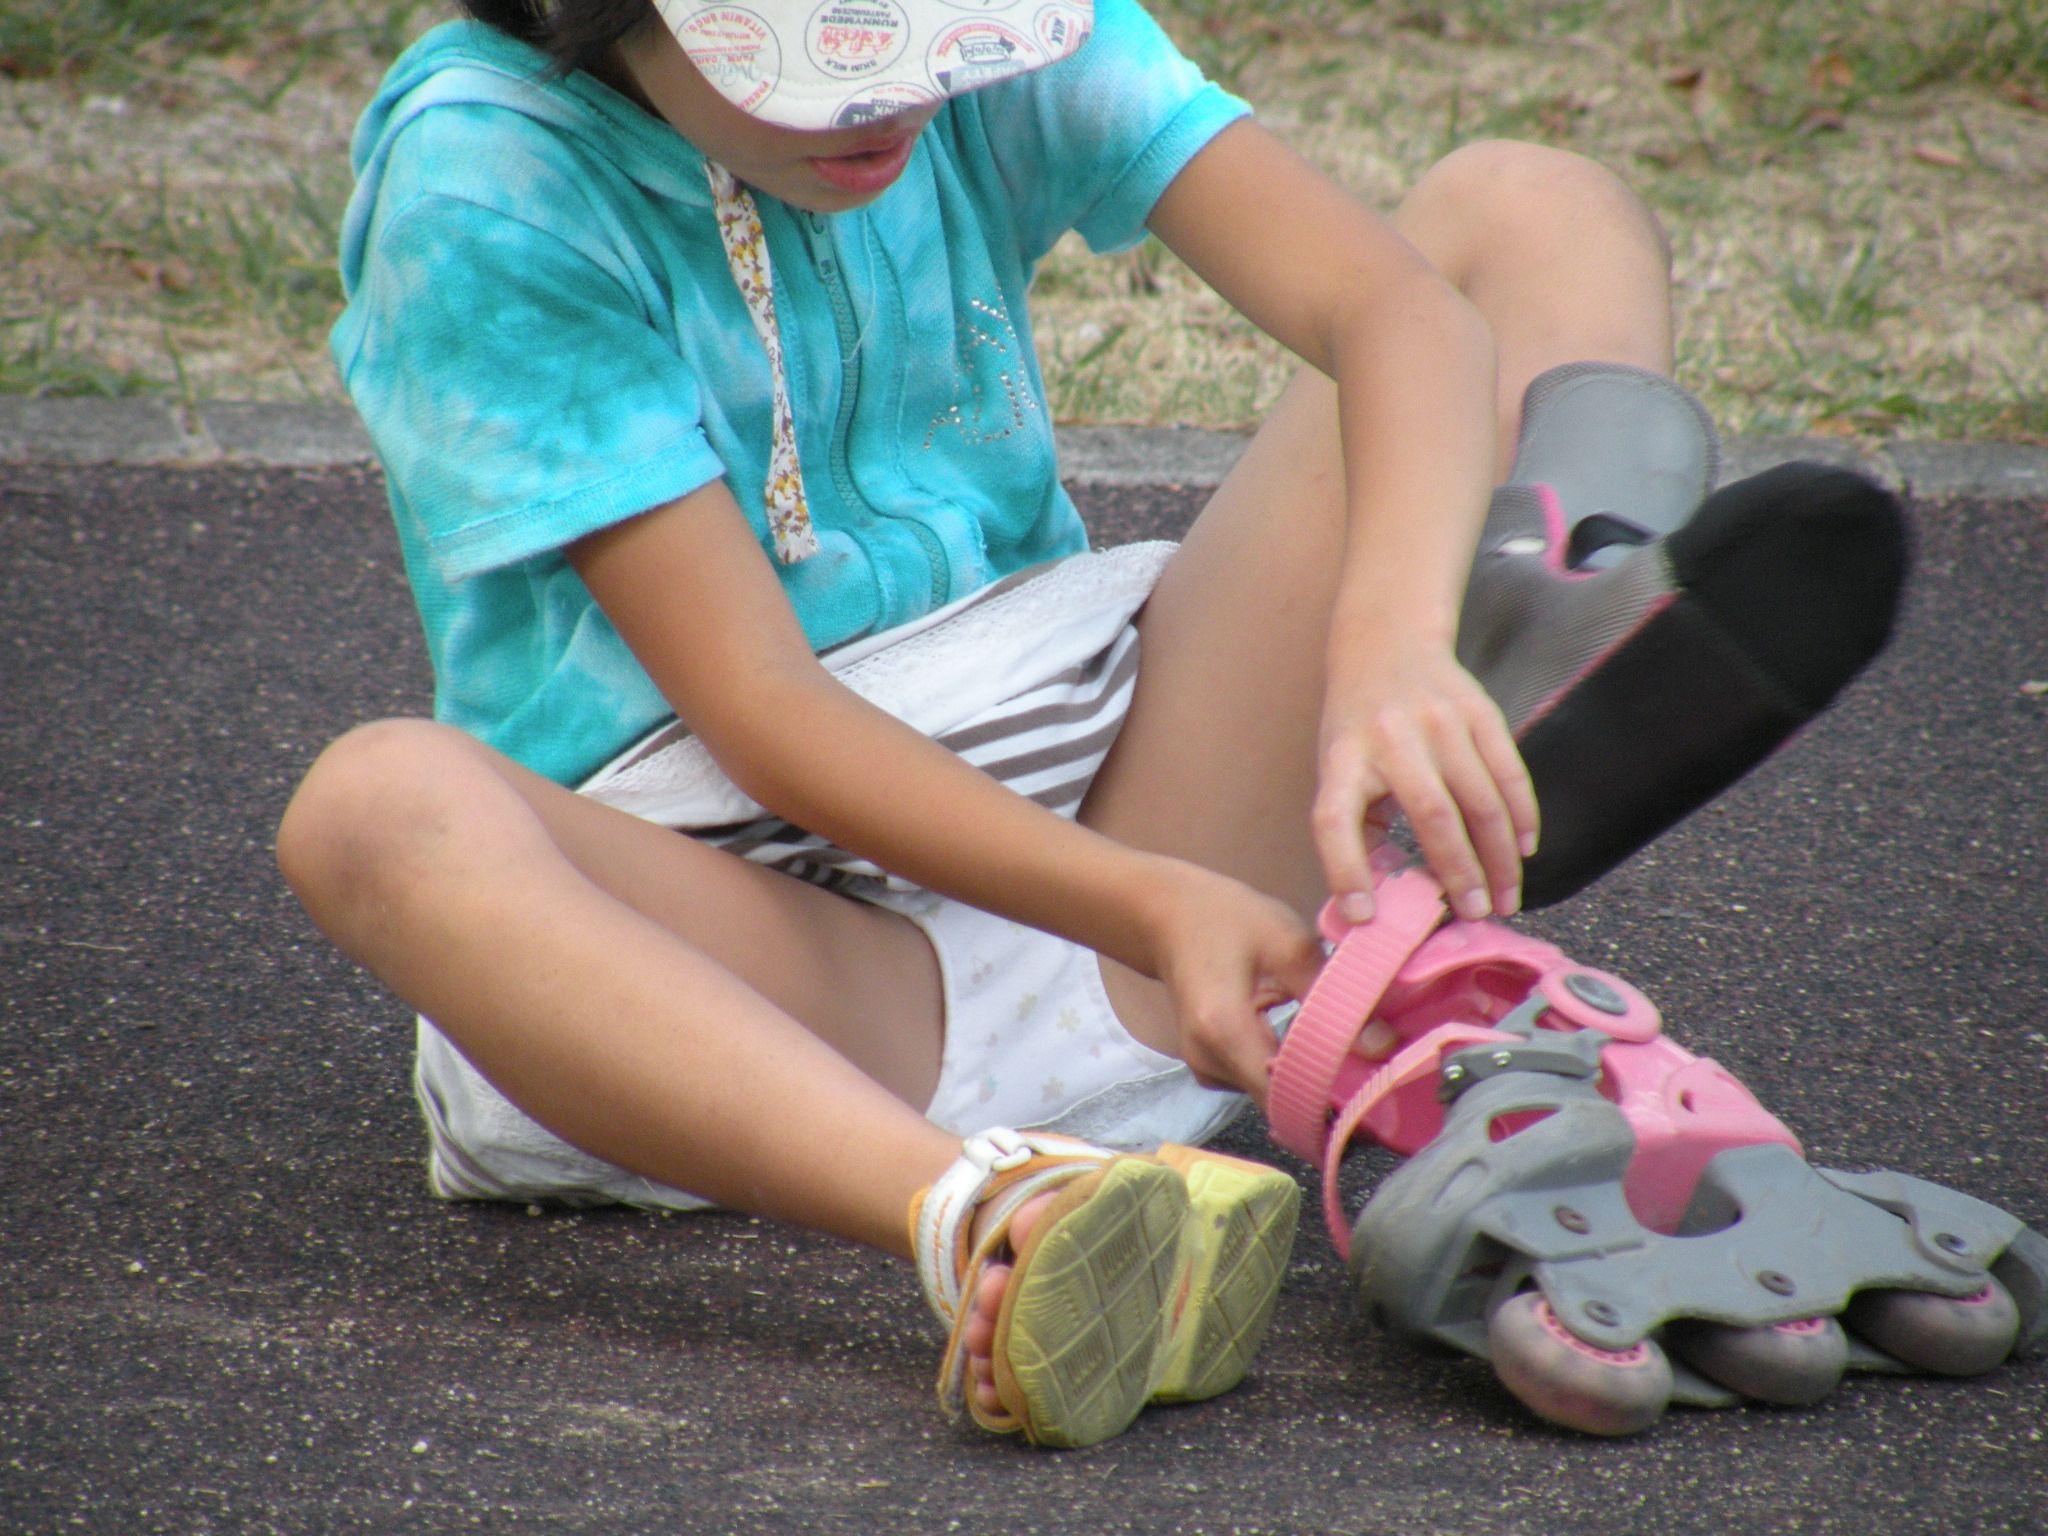 女子小学生の下着丸見え ローラーブレードを履きながらパンチラしてる!